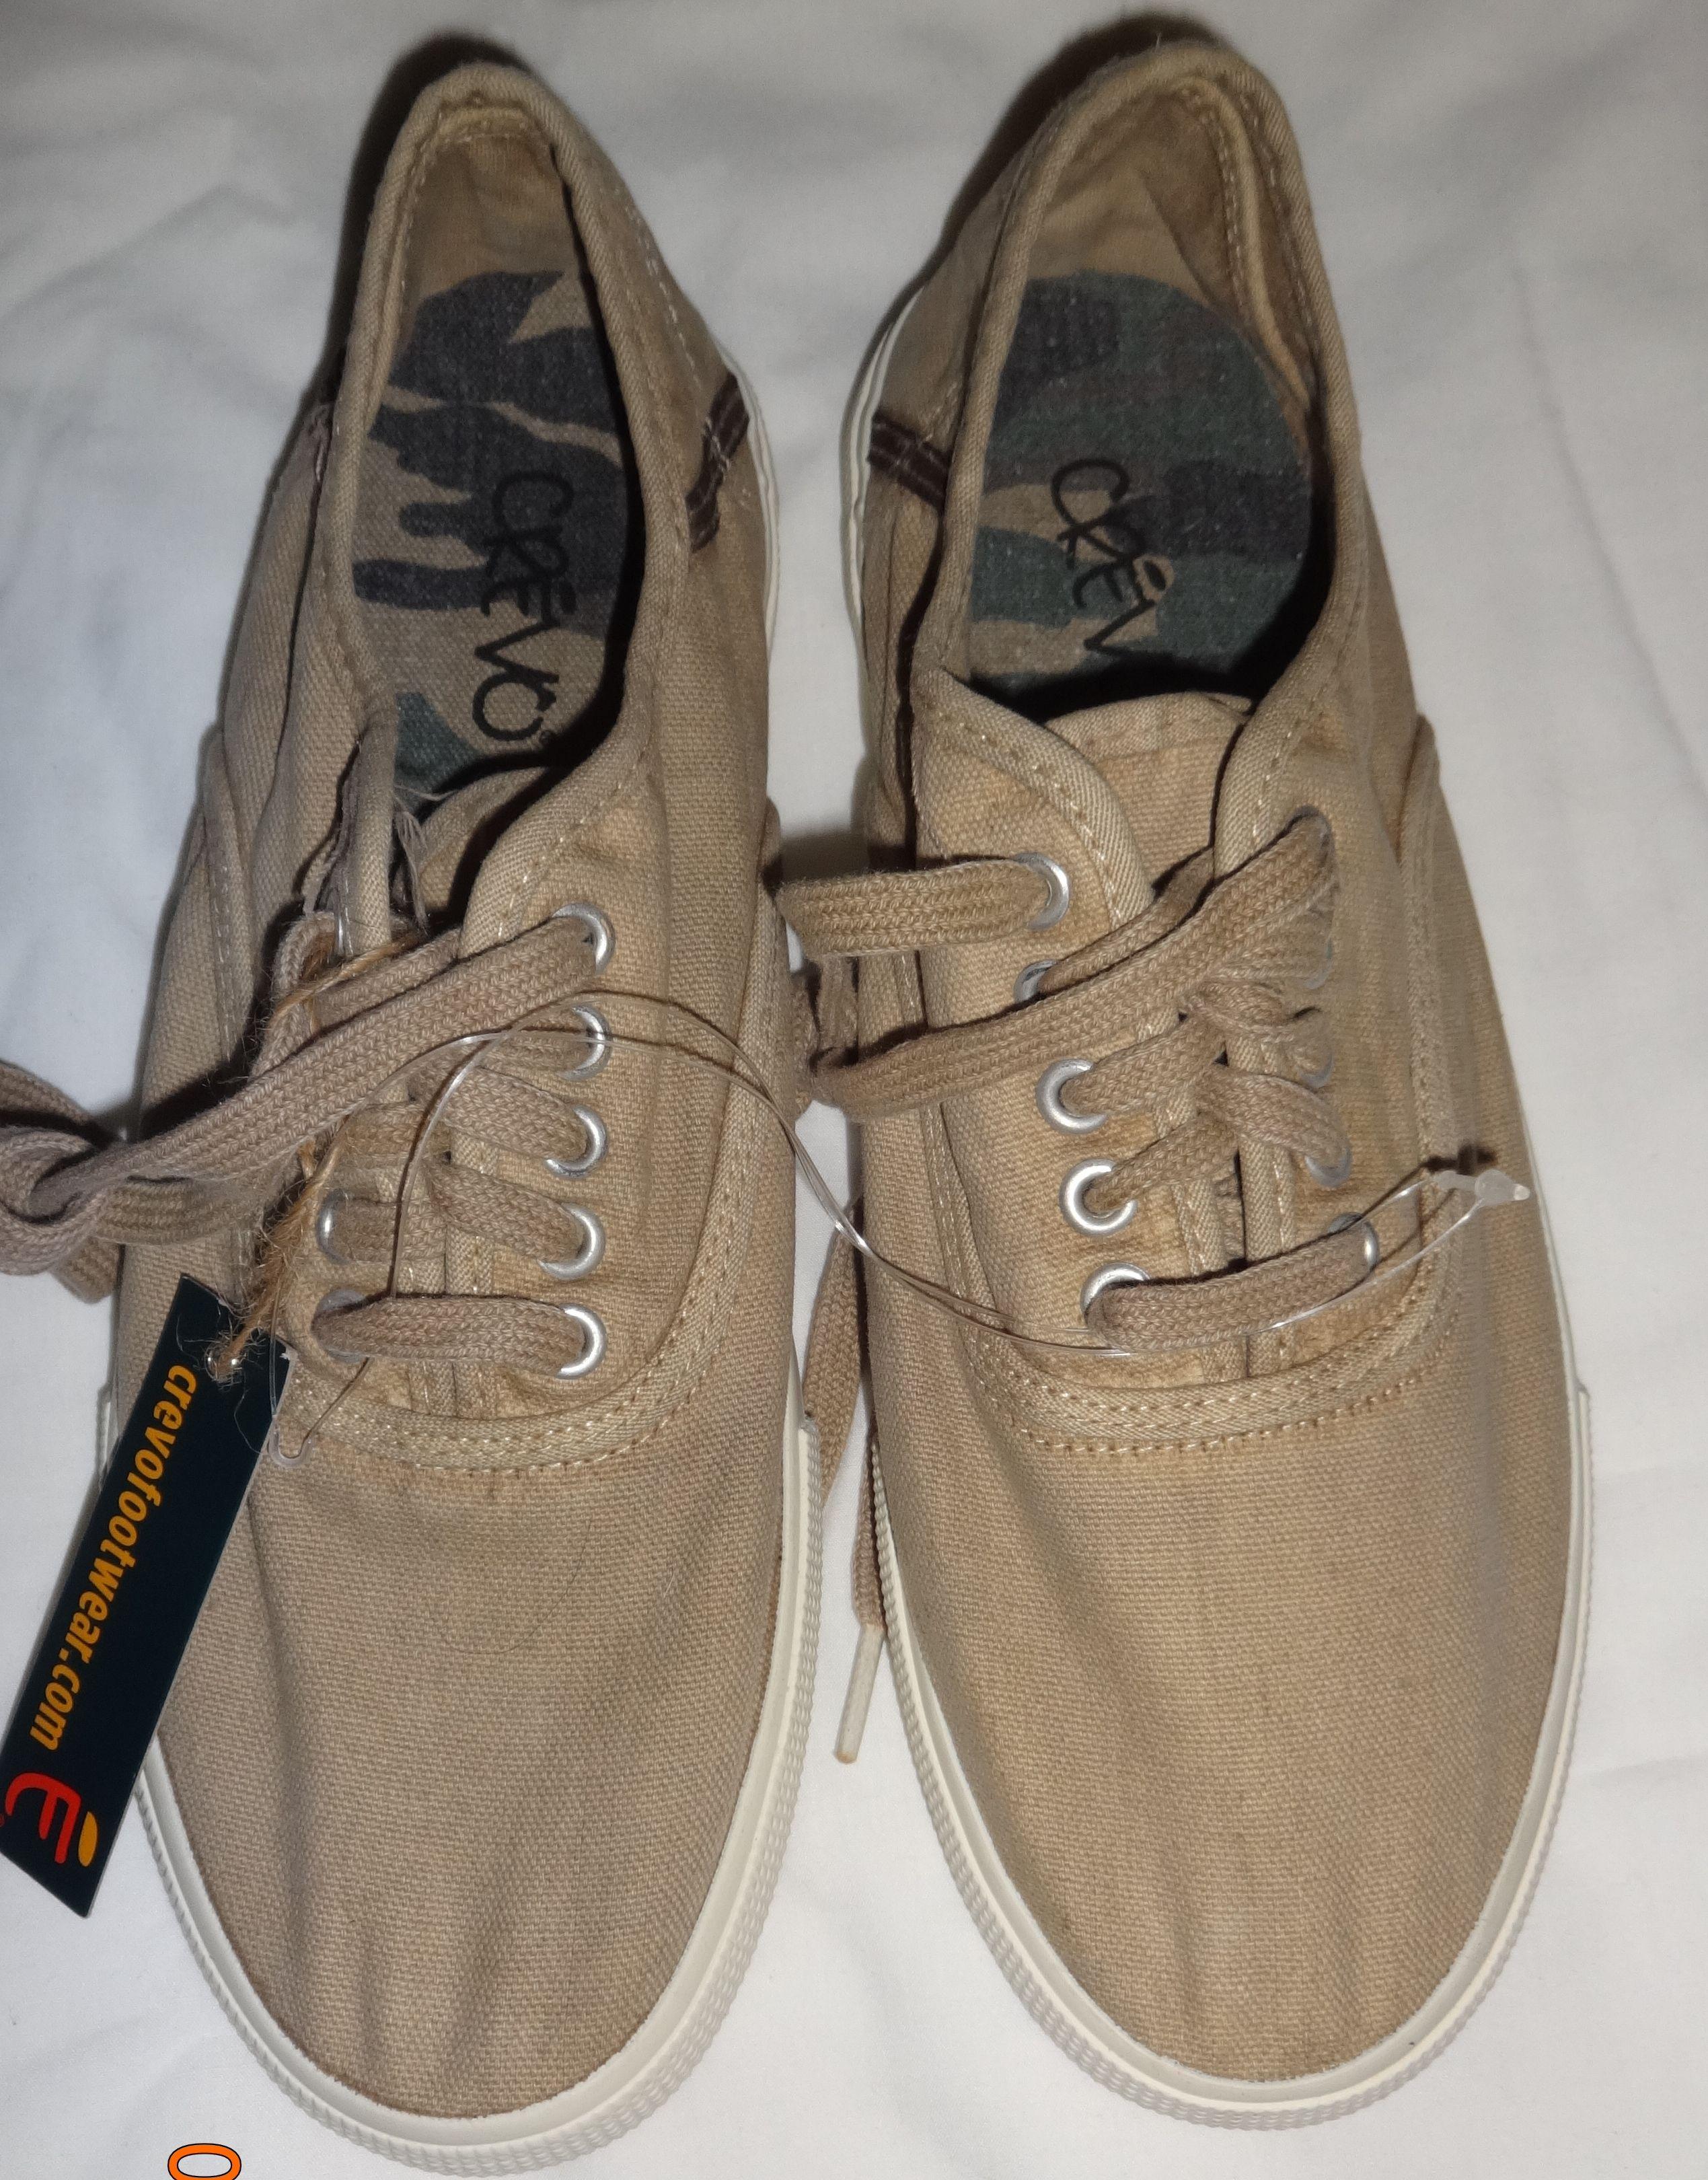 Crevo | Mens canvas shoes, Canvas shoes